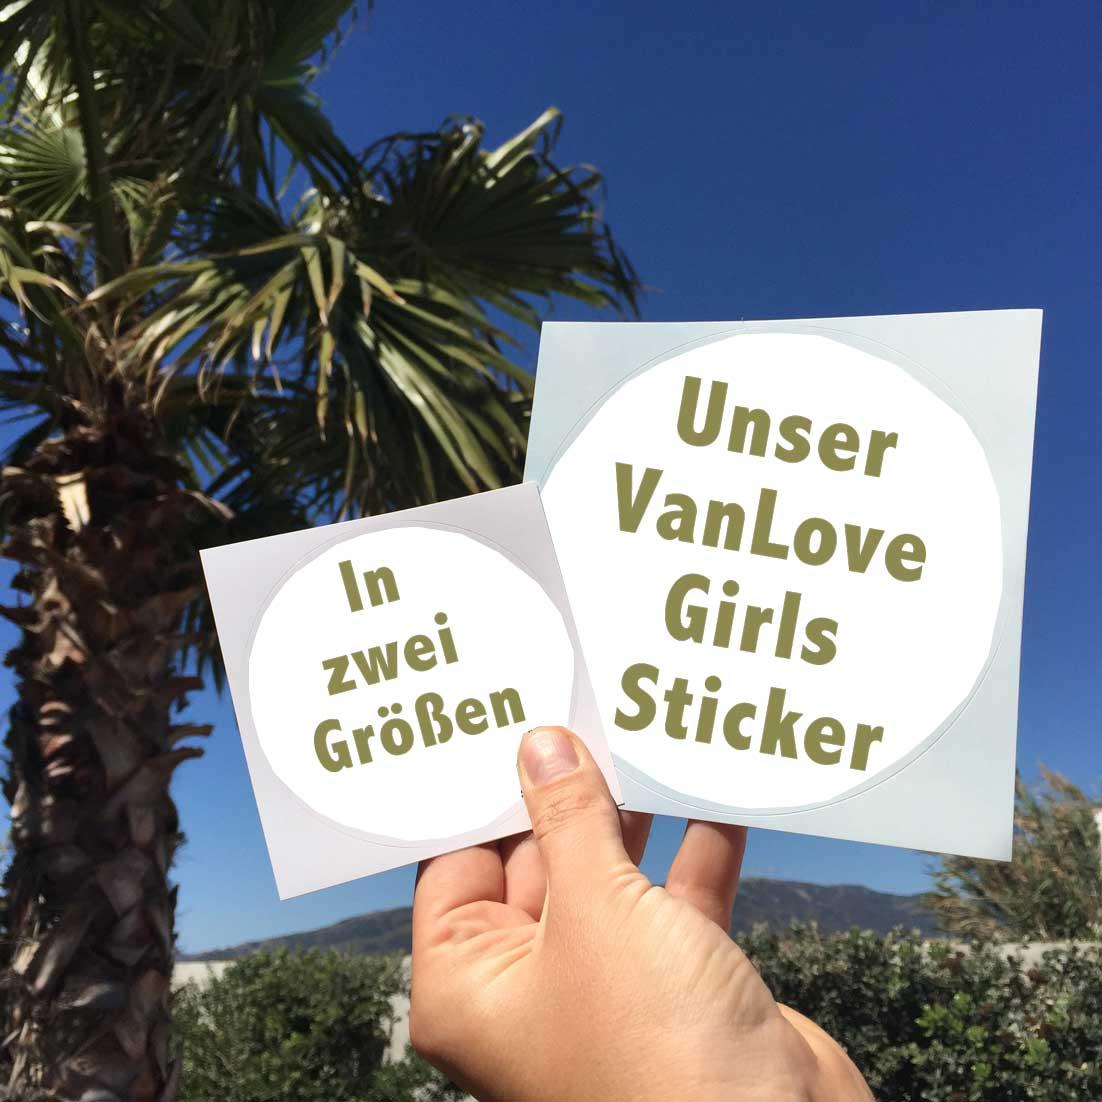 VanloveGirls Sticker